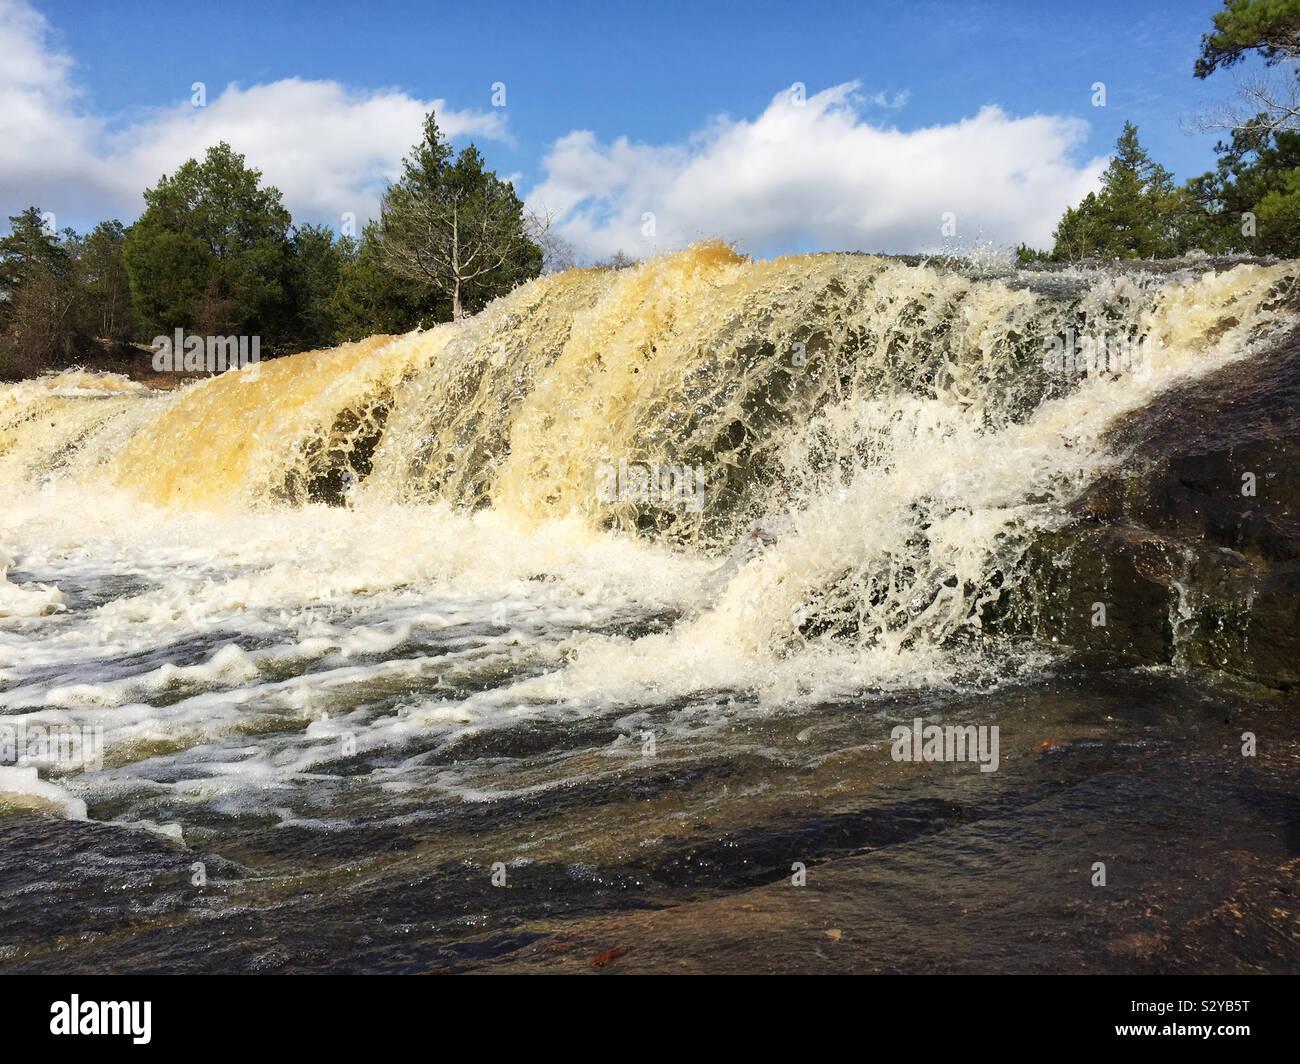 Flujo rápido cascada y rocas circundantes al aire libre en un parque público en Columbus, Georgia, EE.UU. después de una lluvia dura. Foto de stock